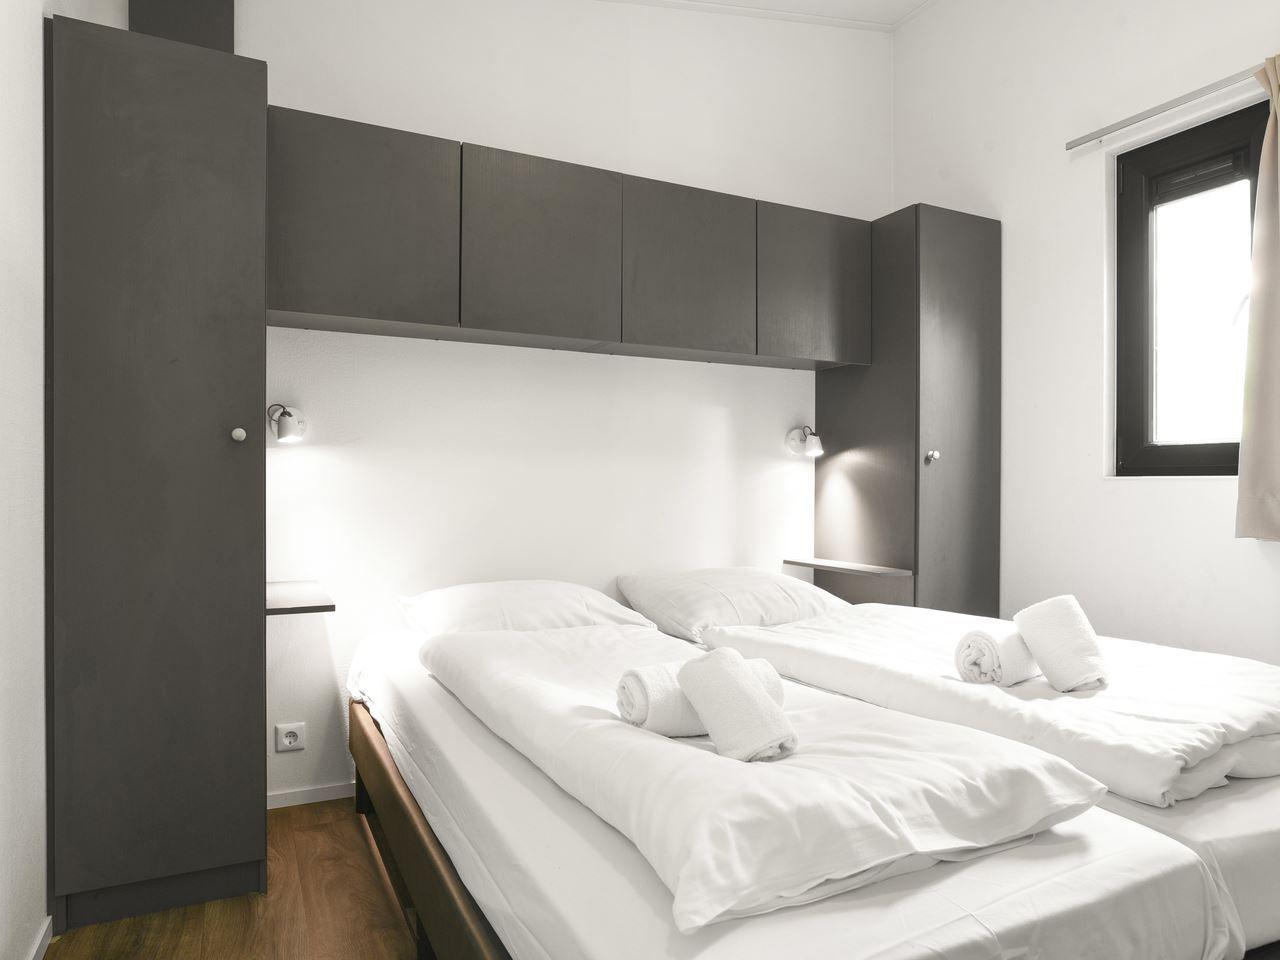 Vakantiewoning herberg de aanleg type 9 2109 de cocksdorp texel waddeneilanden - Foto van keukenuitrusting ...